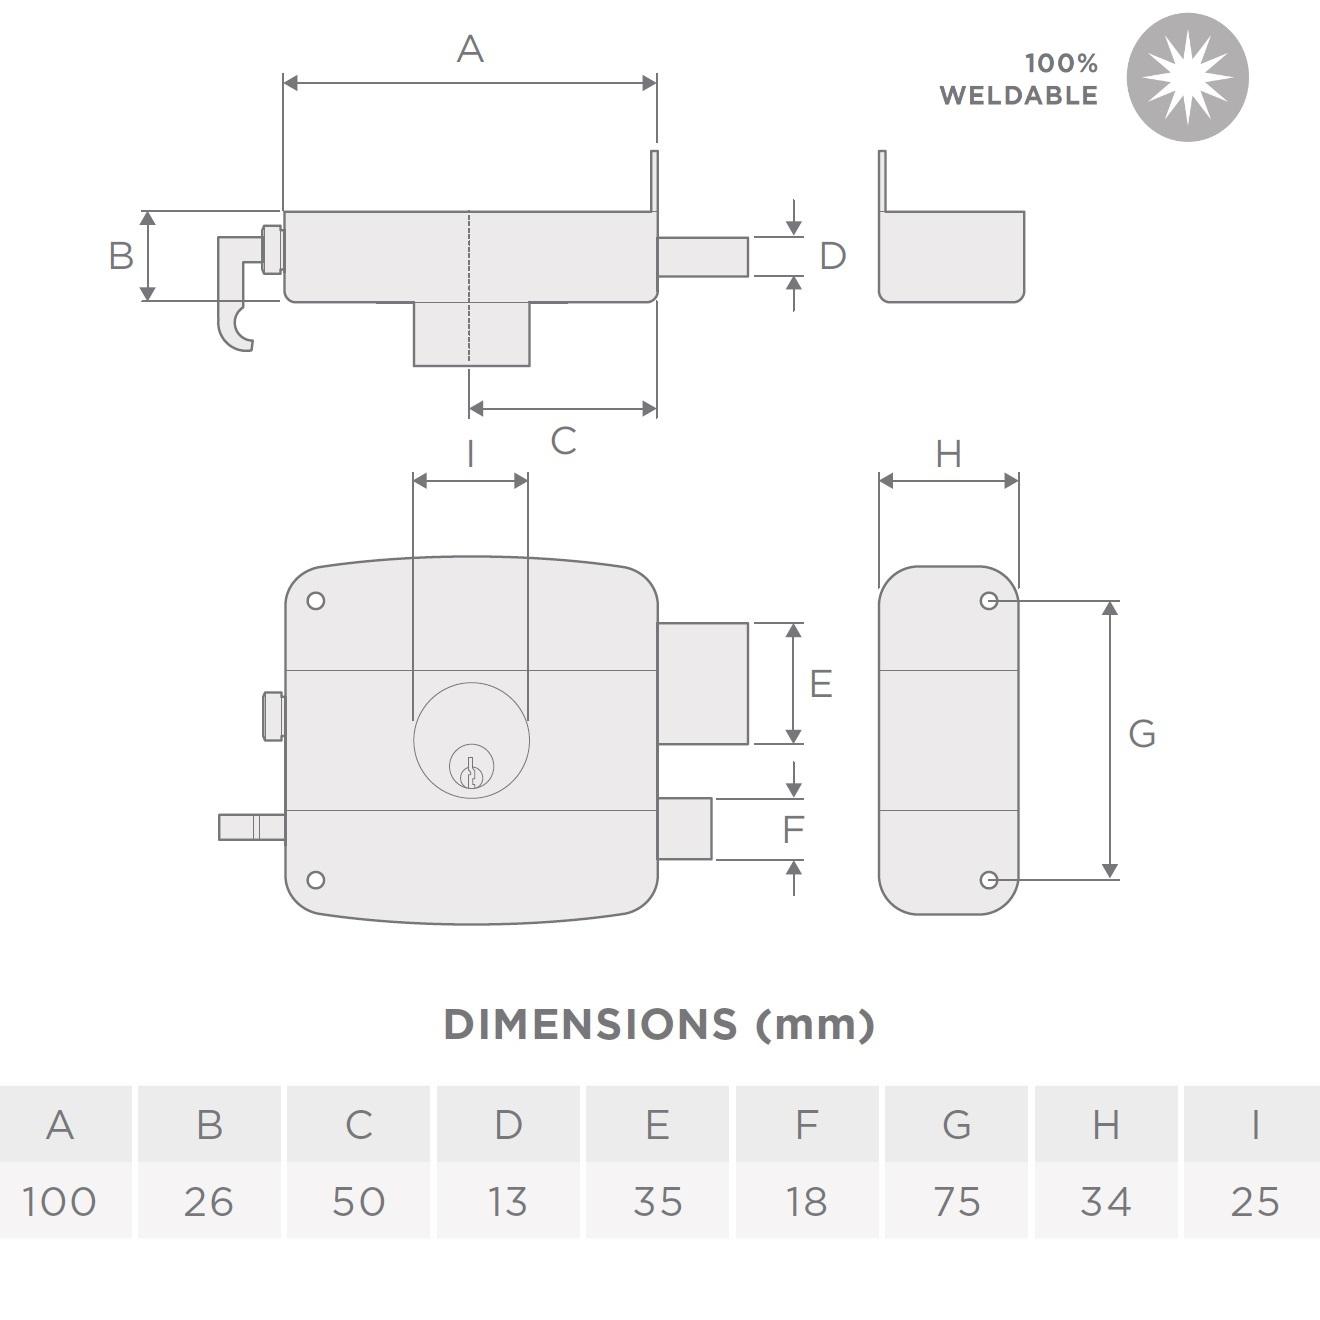 single-bolt-50mm-dimension-geo